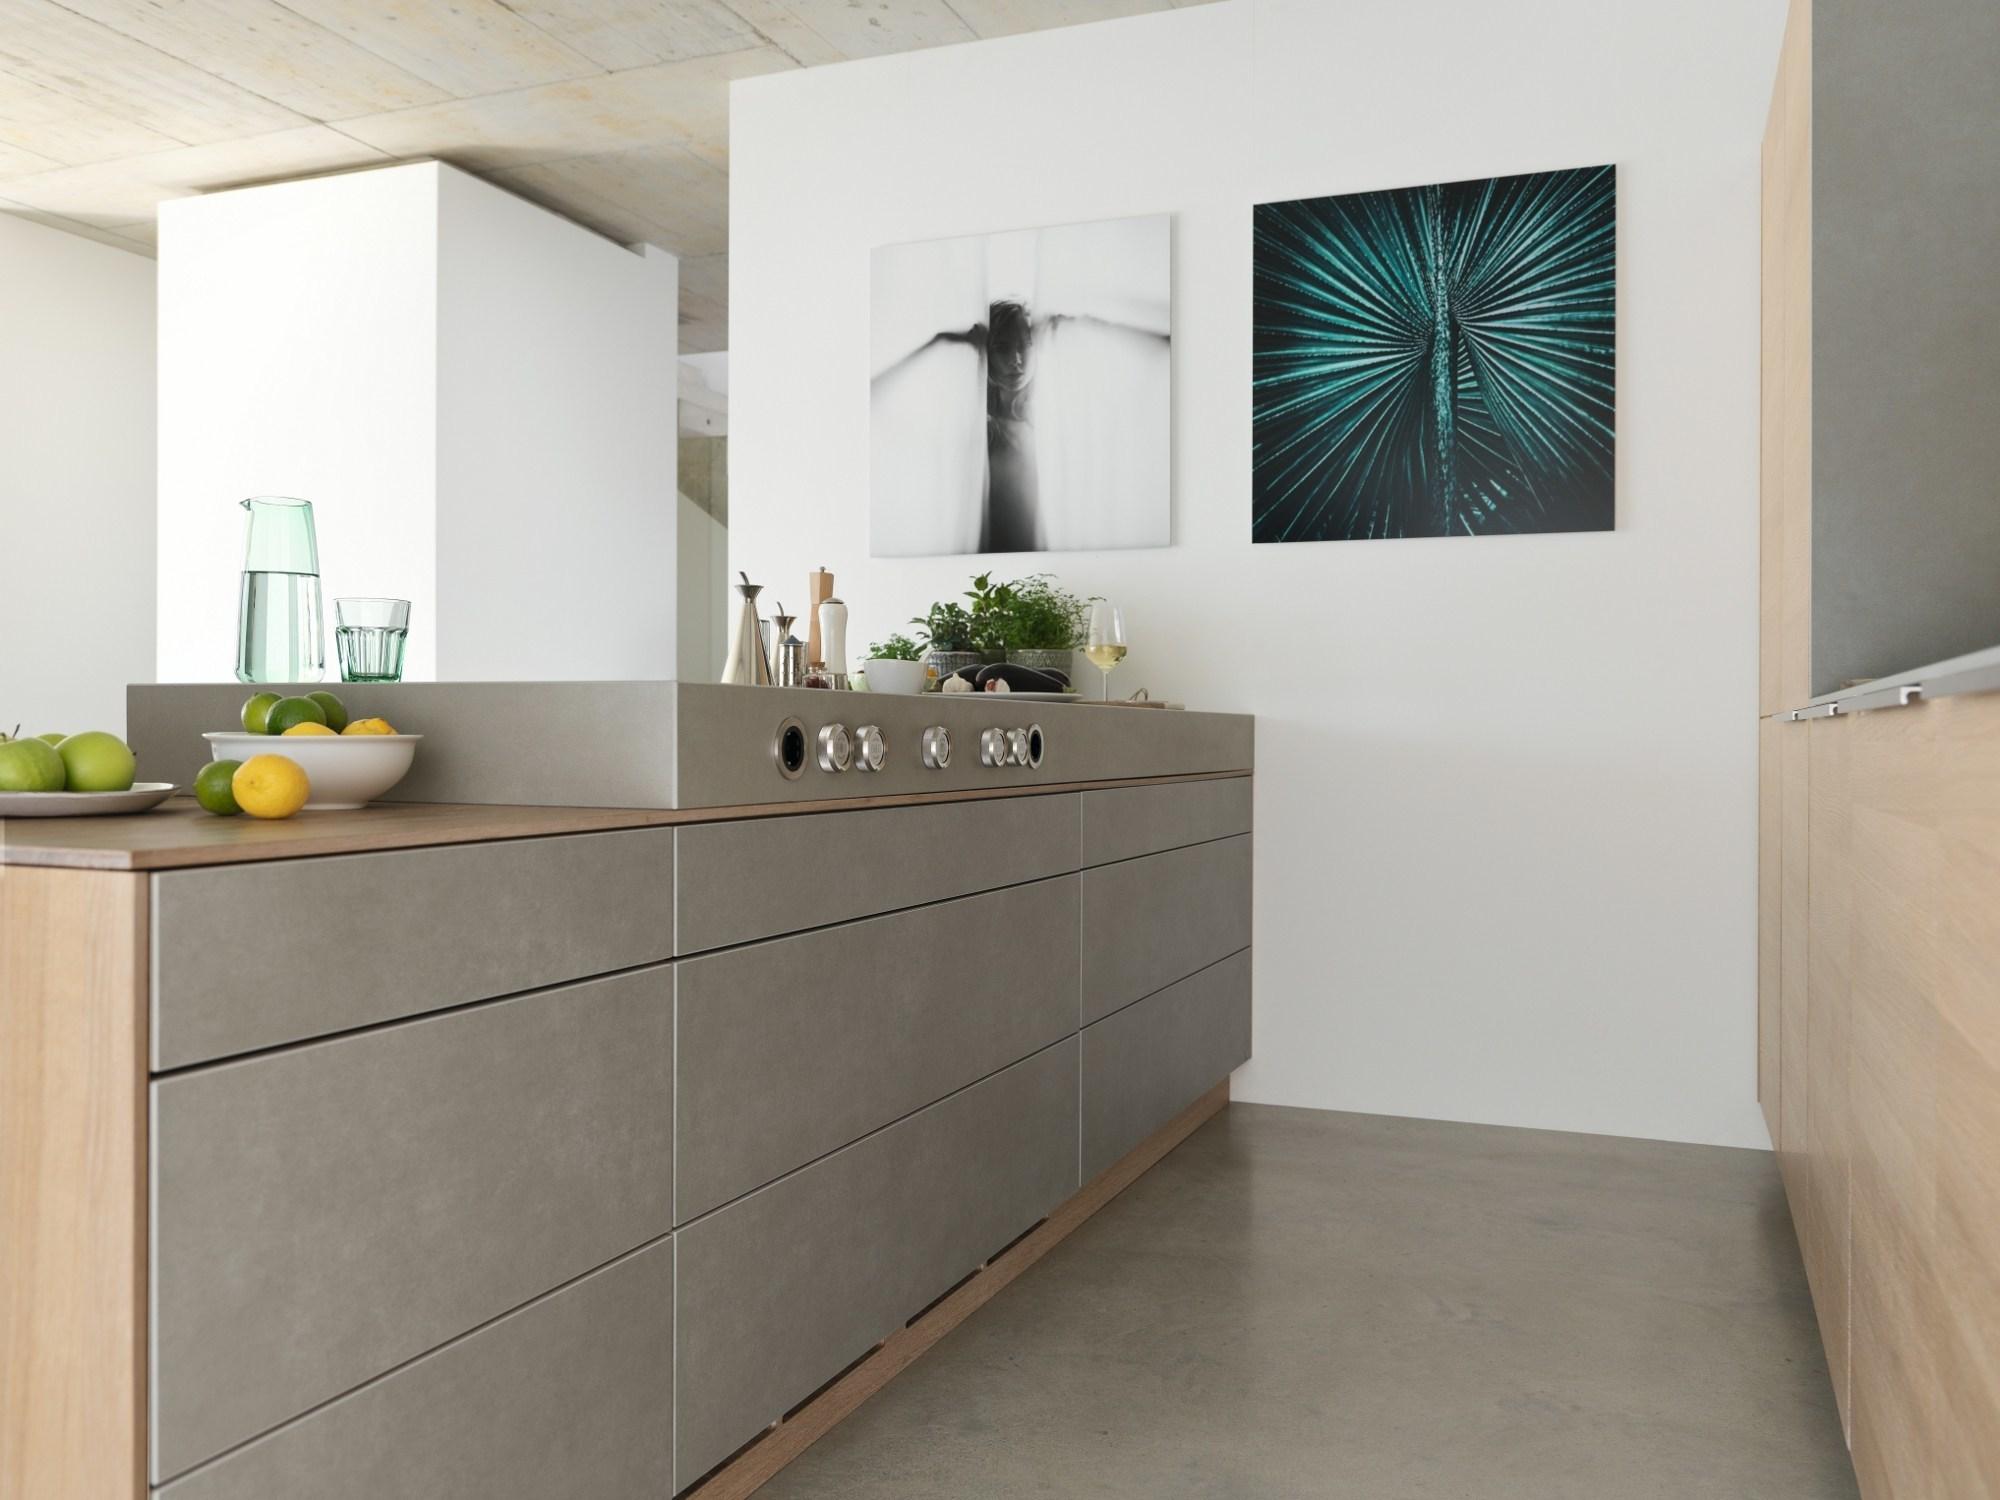 Berühmt Küche Design Landart Galerie - Küche Set Ideen ...